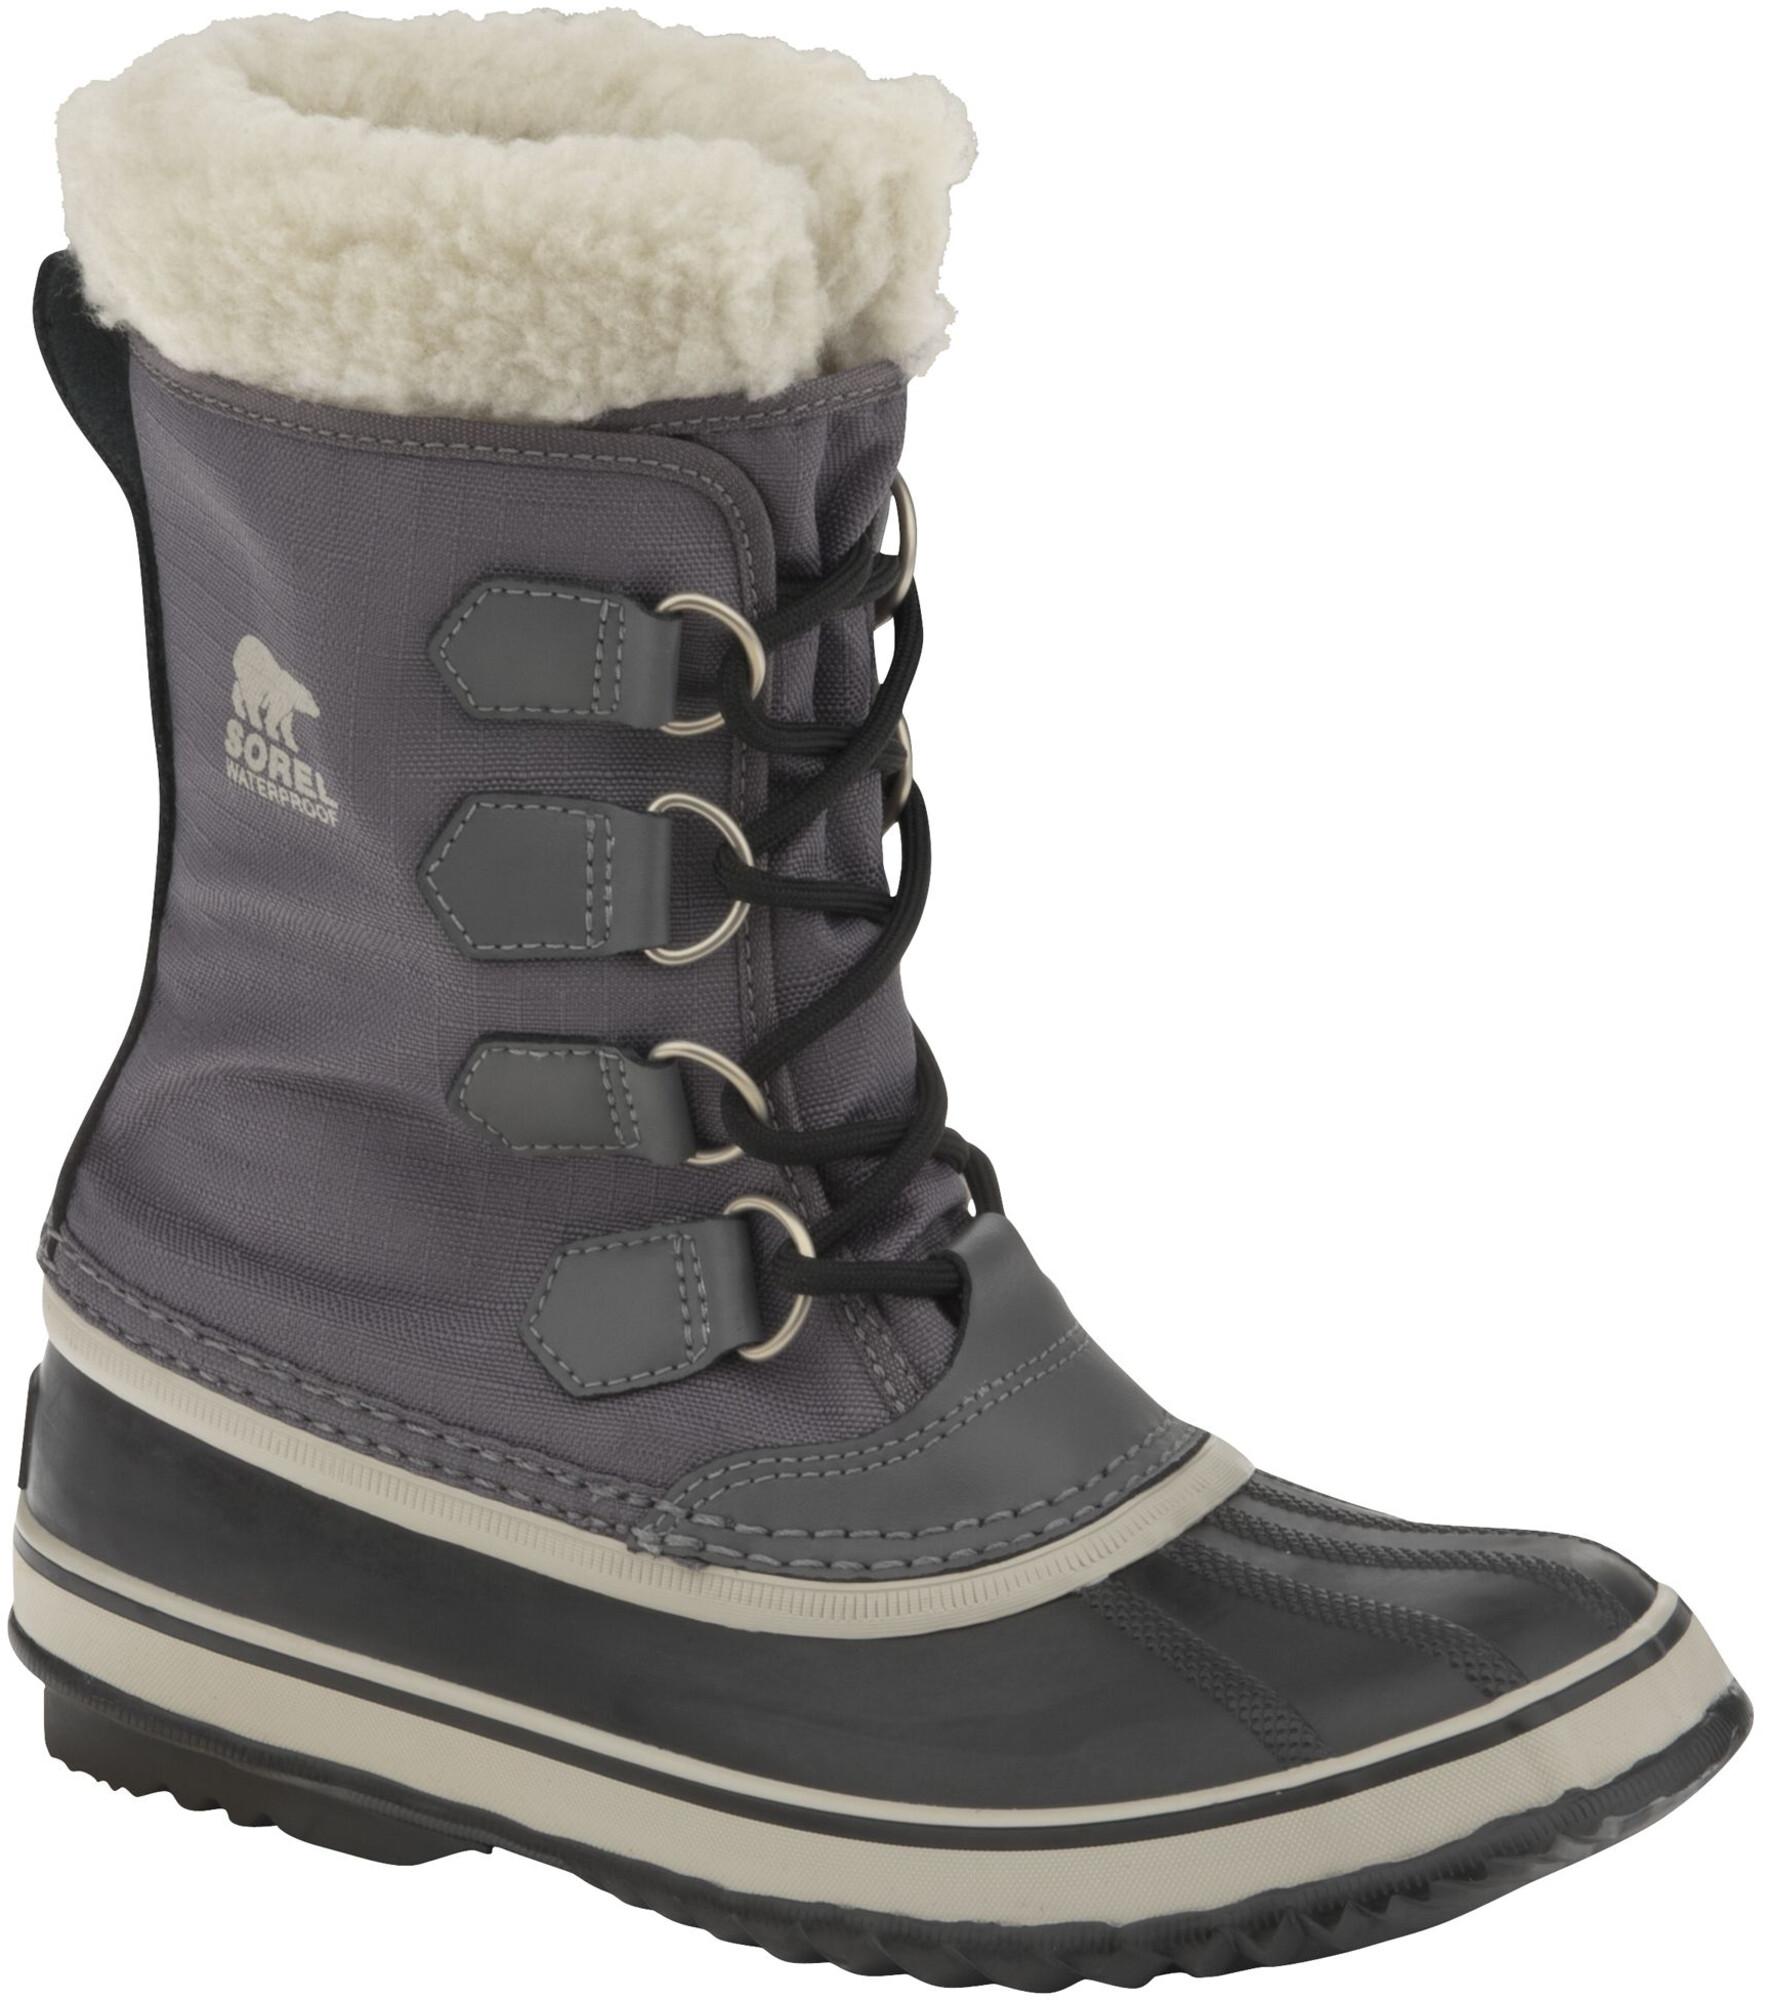 0531fbcf Botas de invierno Sorel Winter Carnival gris/negro para mujer | Campz.es